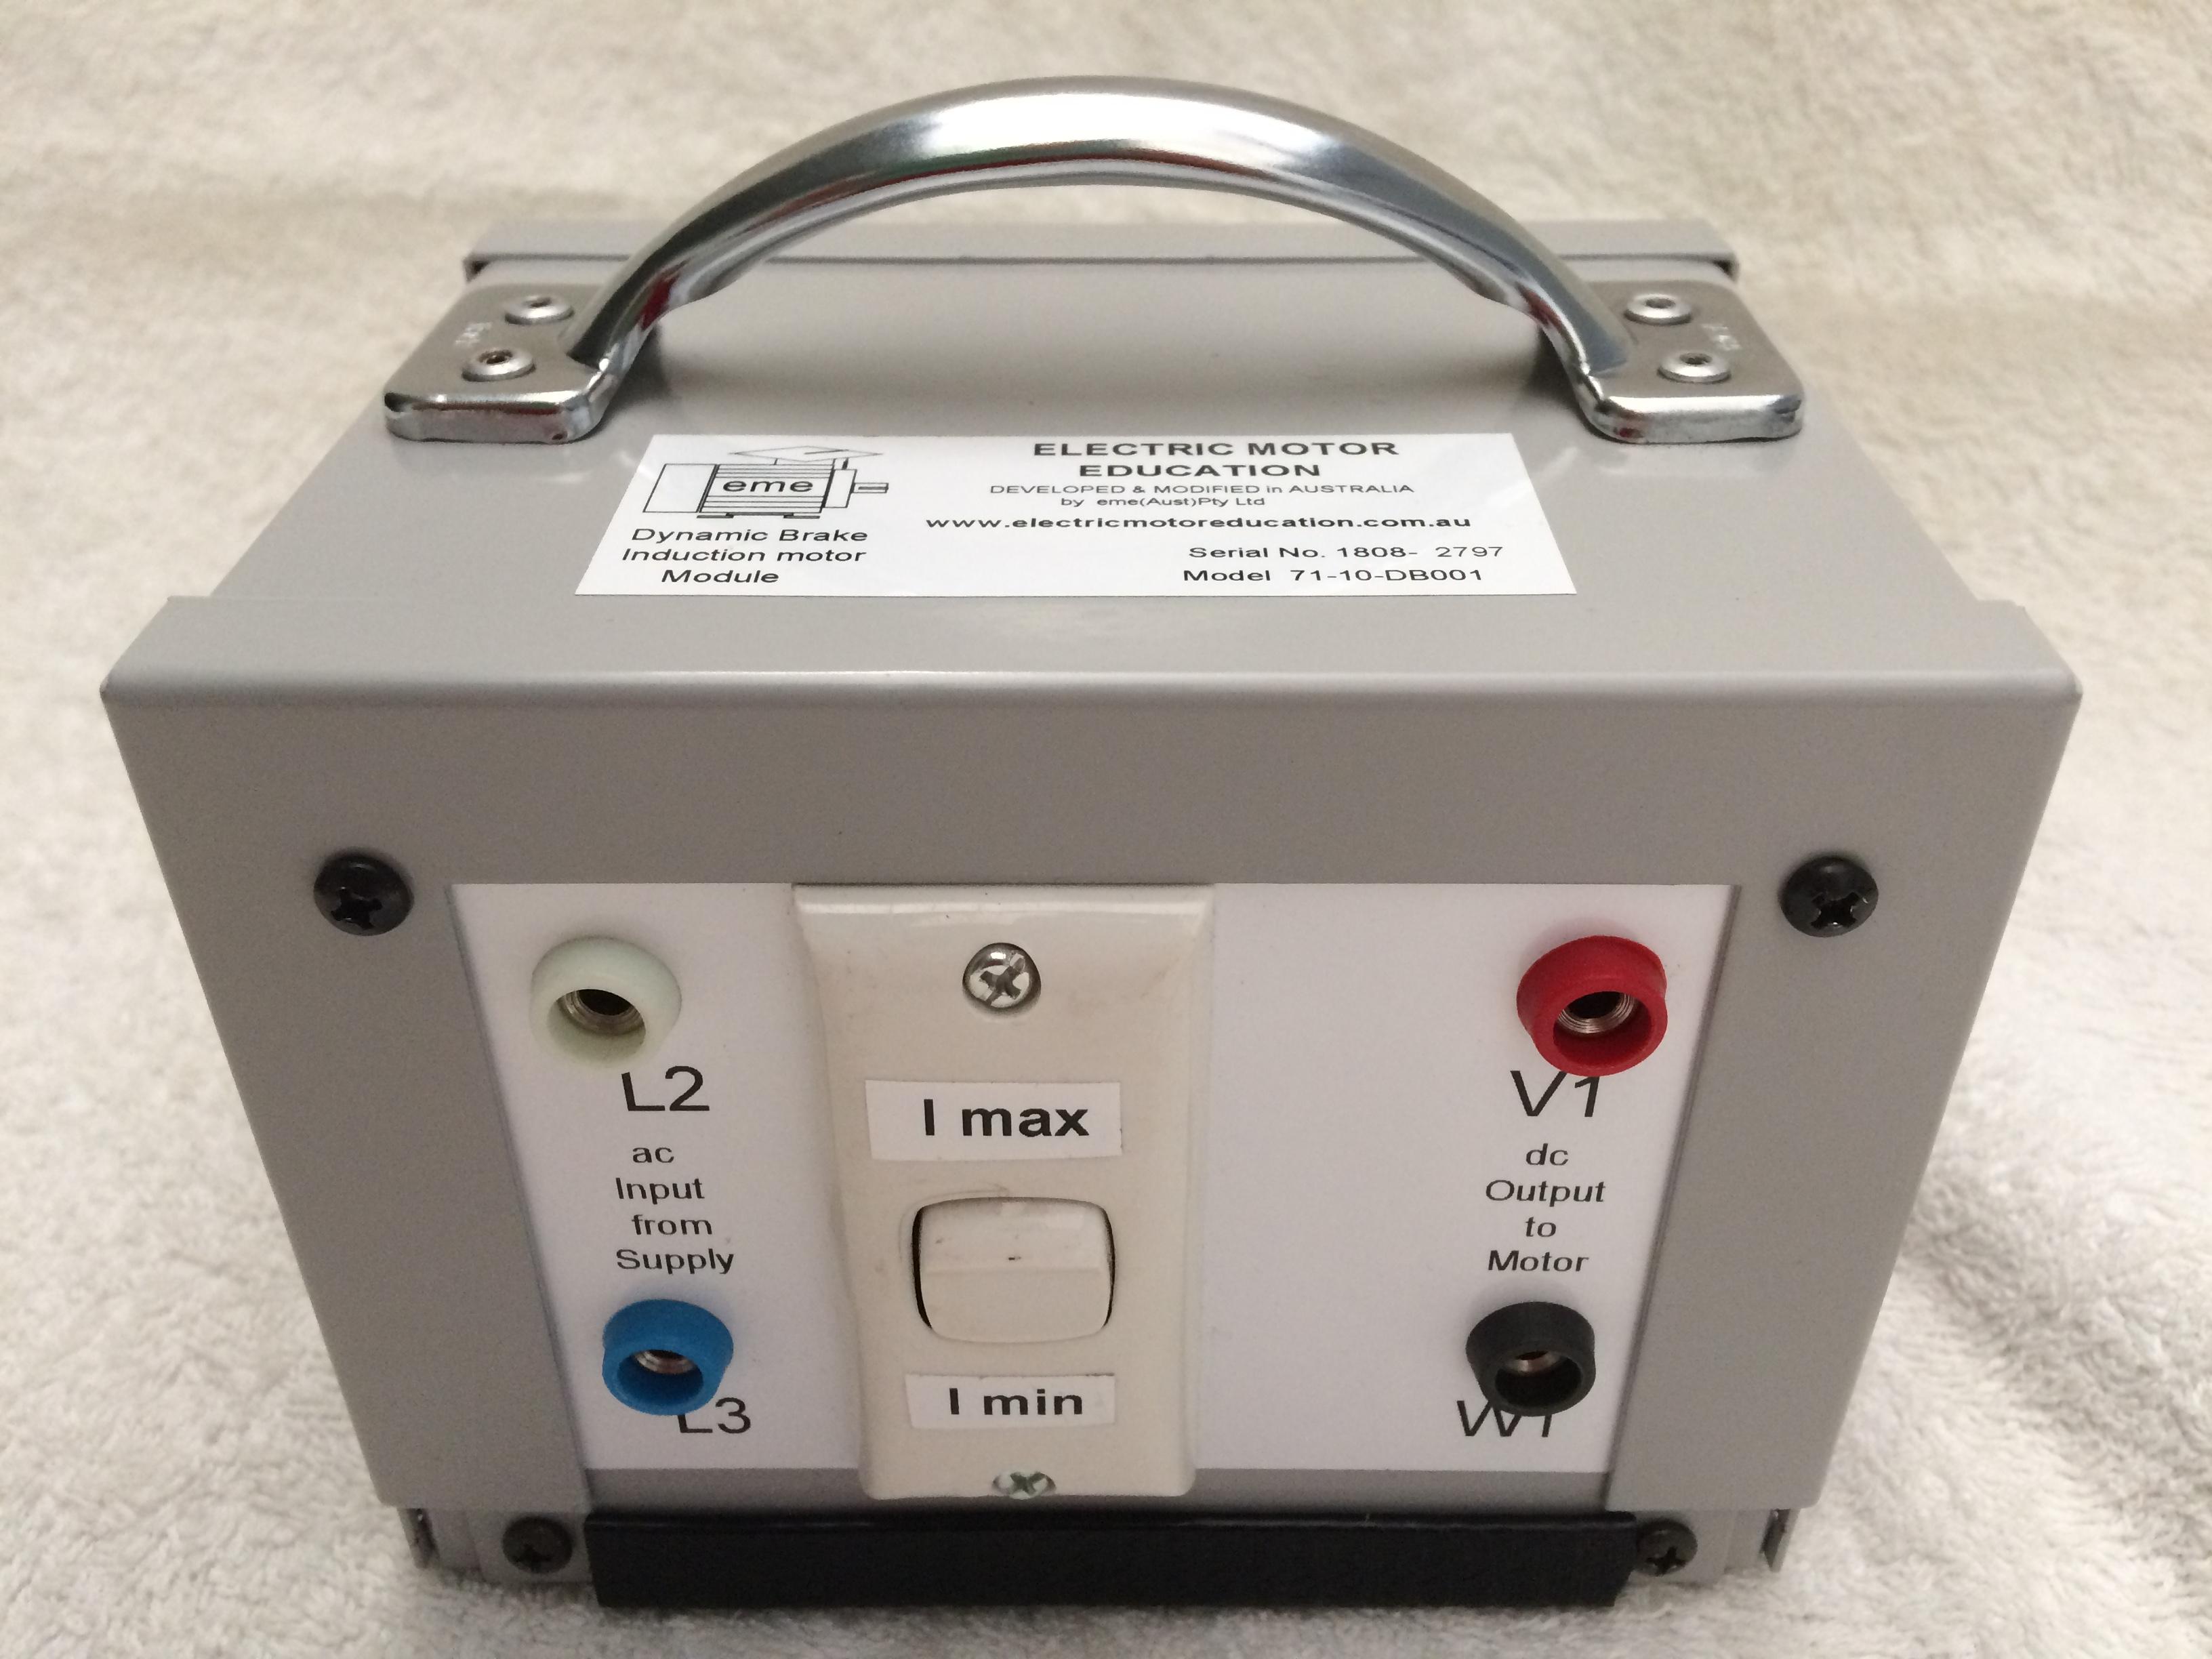 71-10-BD002 : Dynamic Brake - Induction Motor Module Image